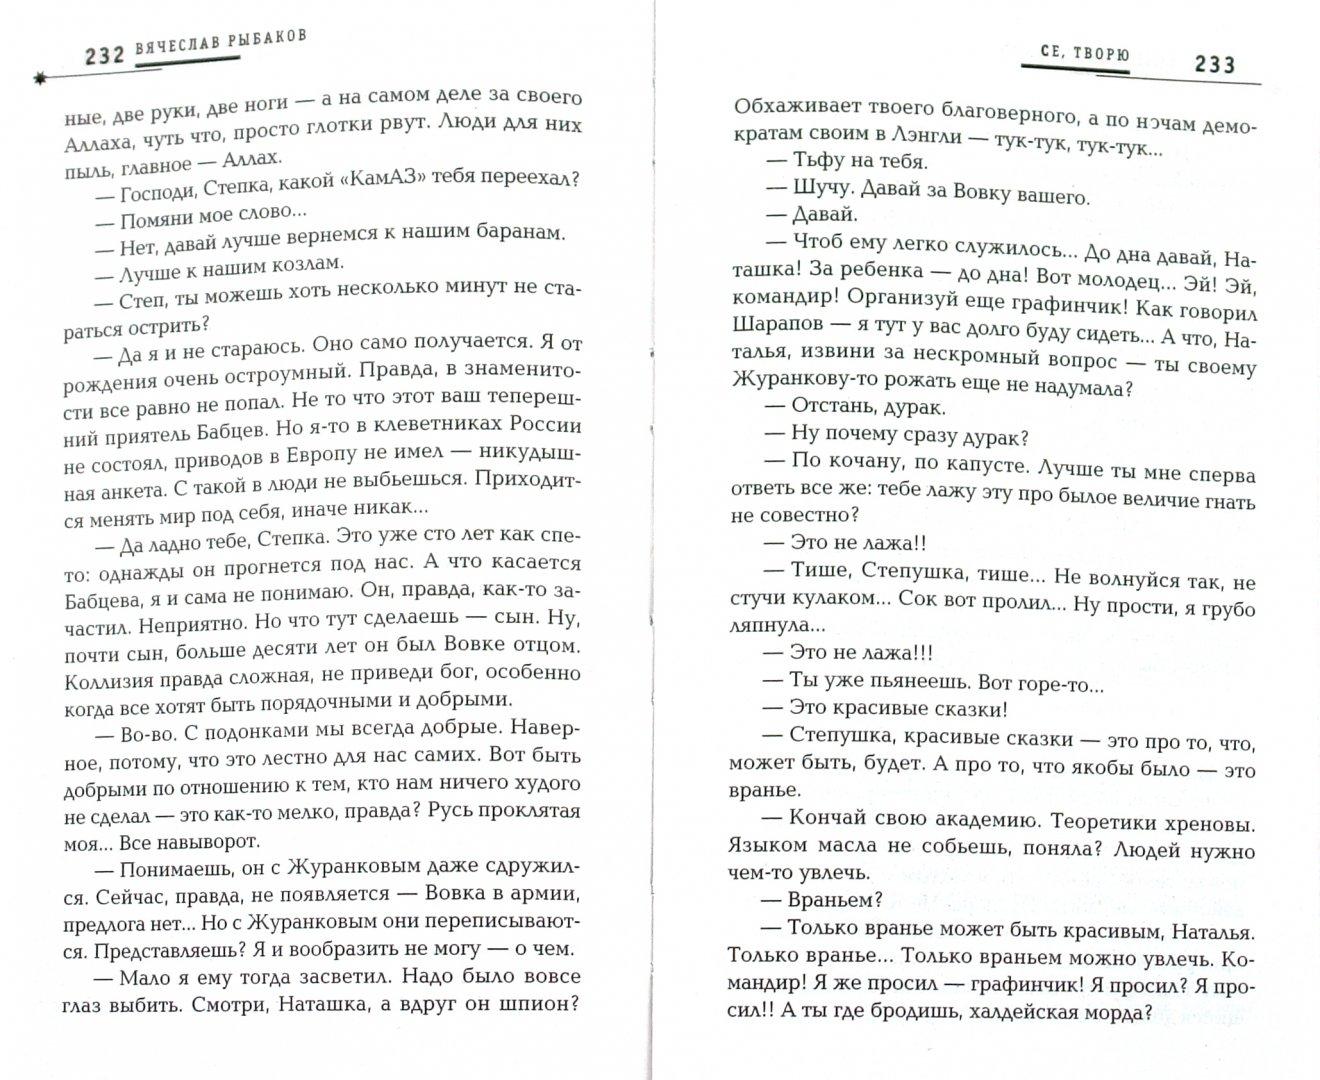 Иллюстрация 1 из 5 для Се, творю - Вячеслав Рыбаков | Лабиринт - книги. Источник: Лабиринт